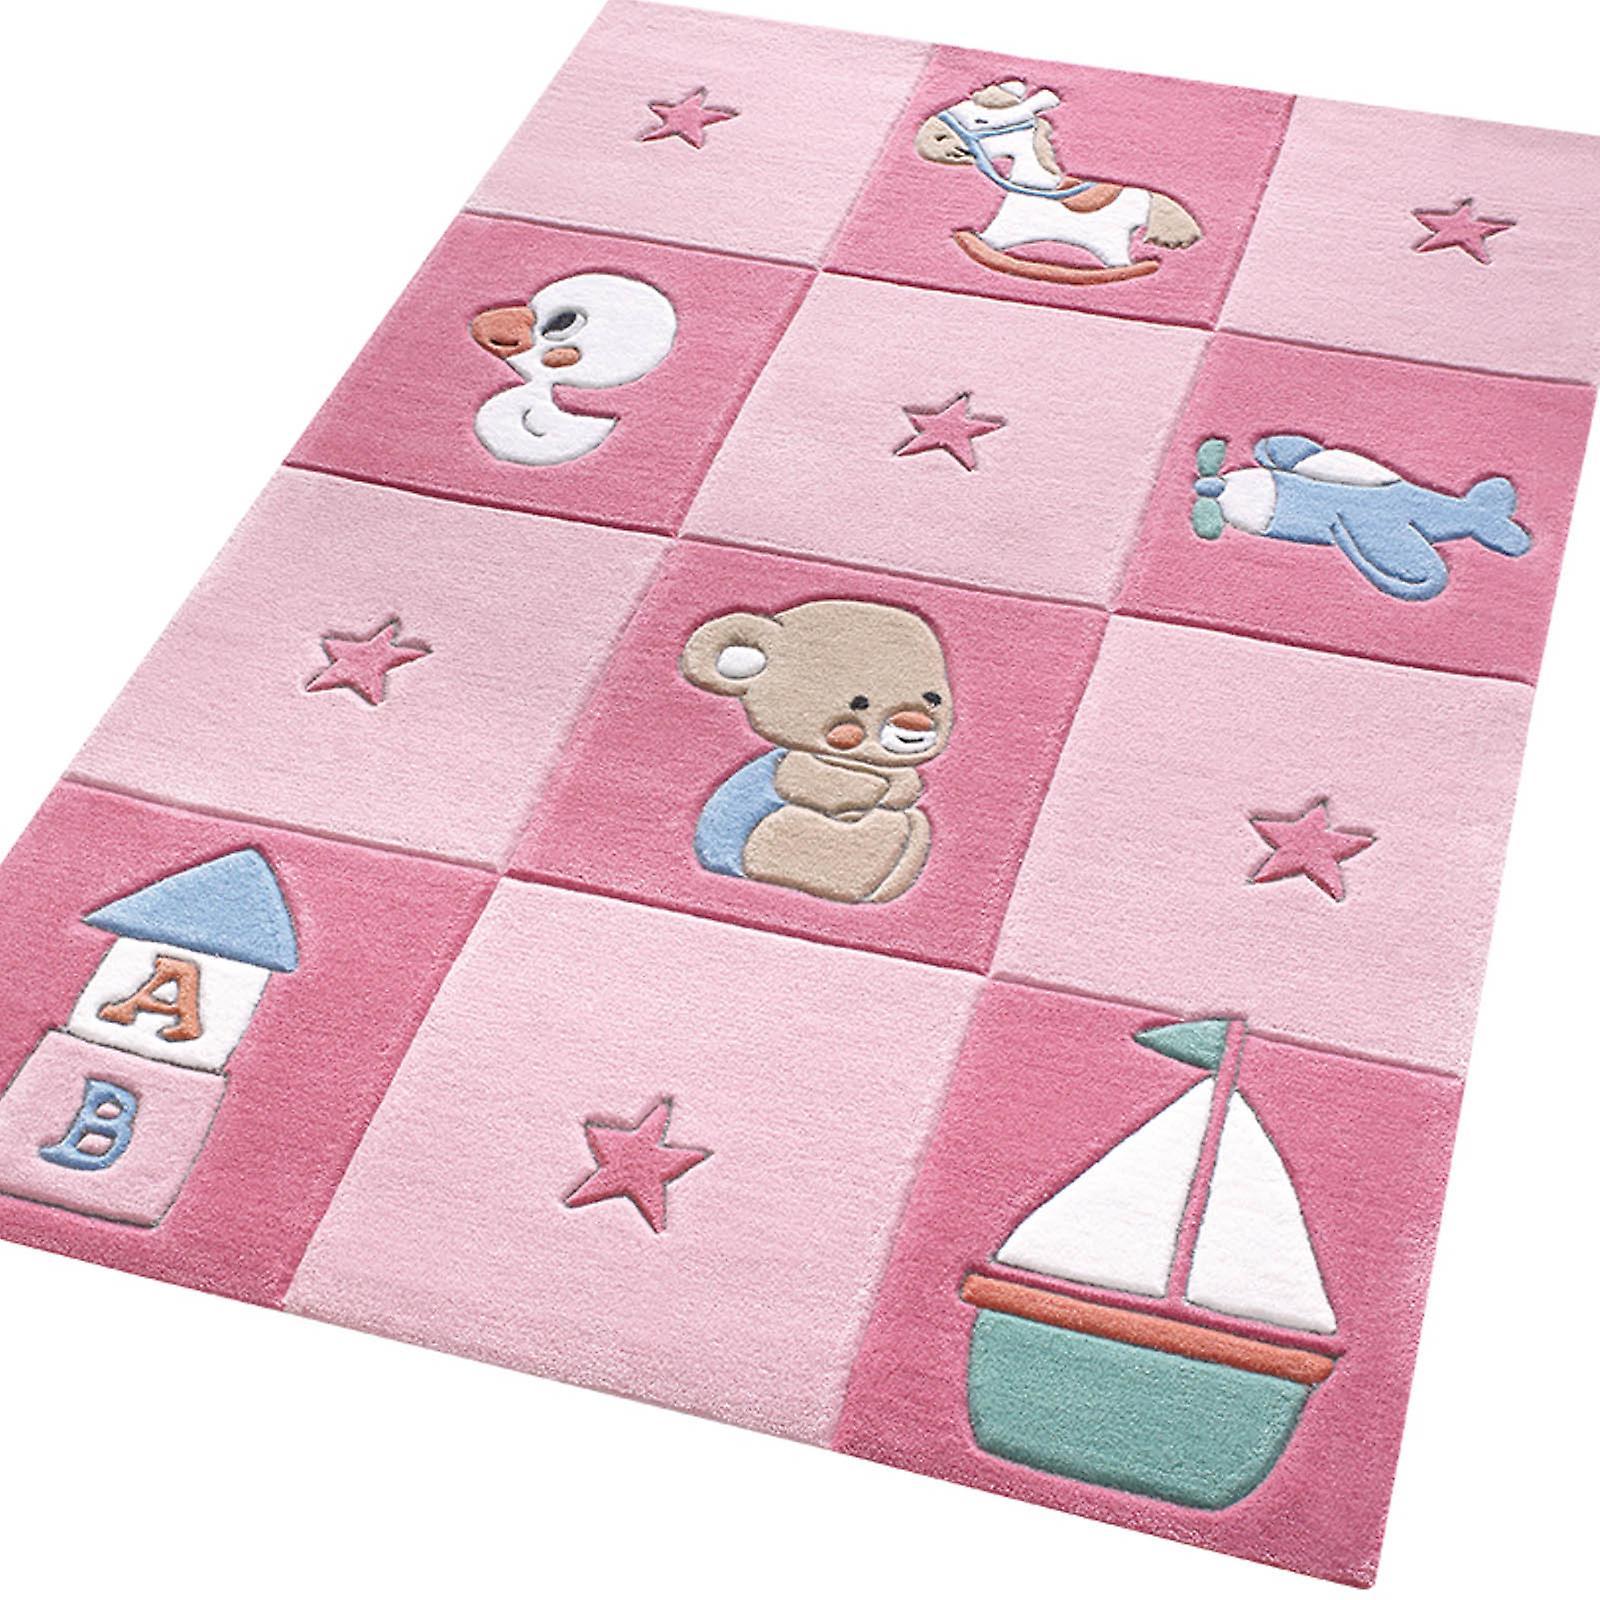 Nouveau-né tapis 3986 02 rose